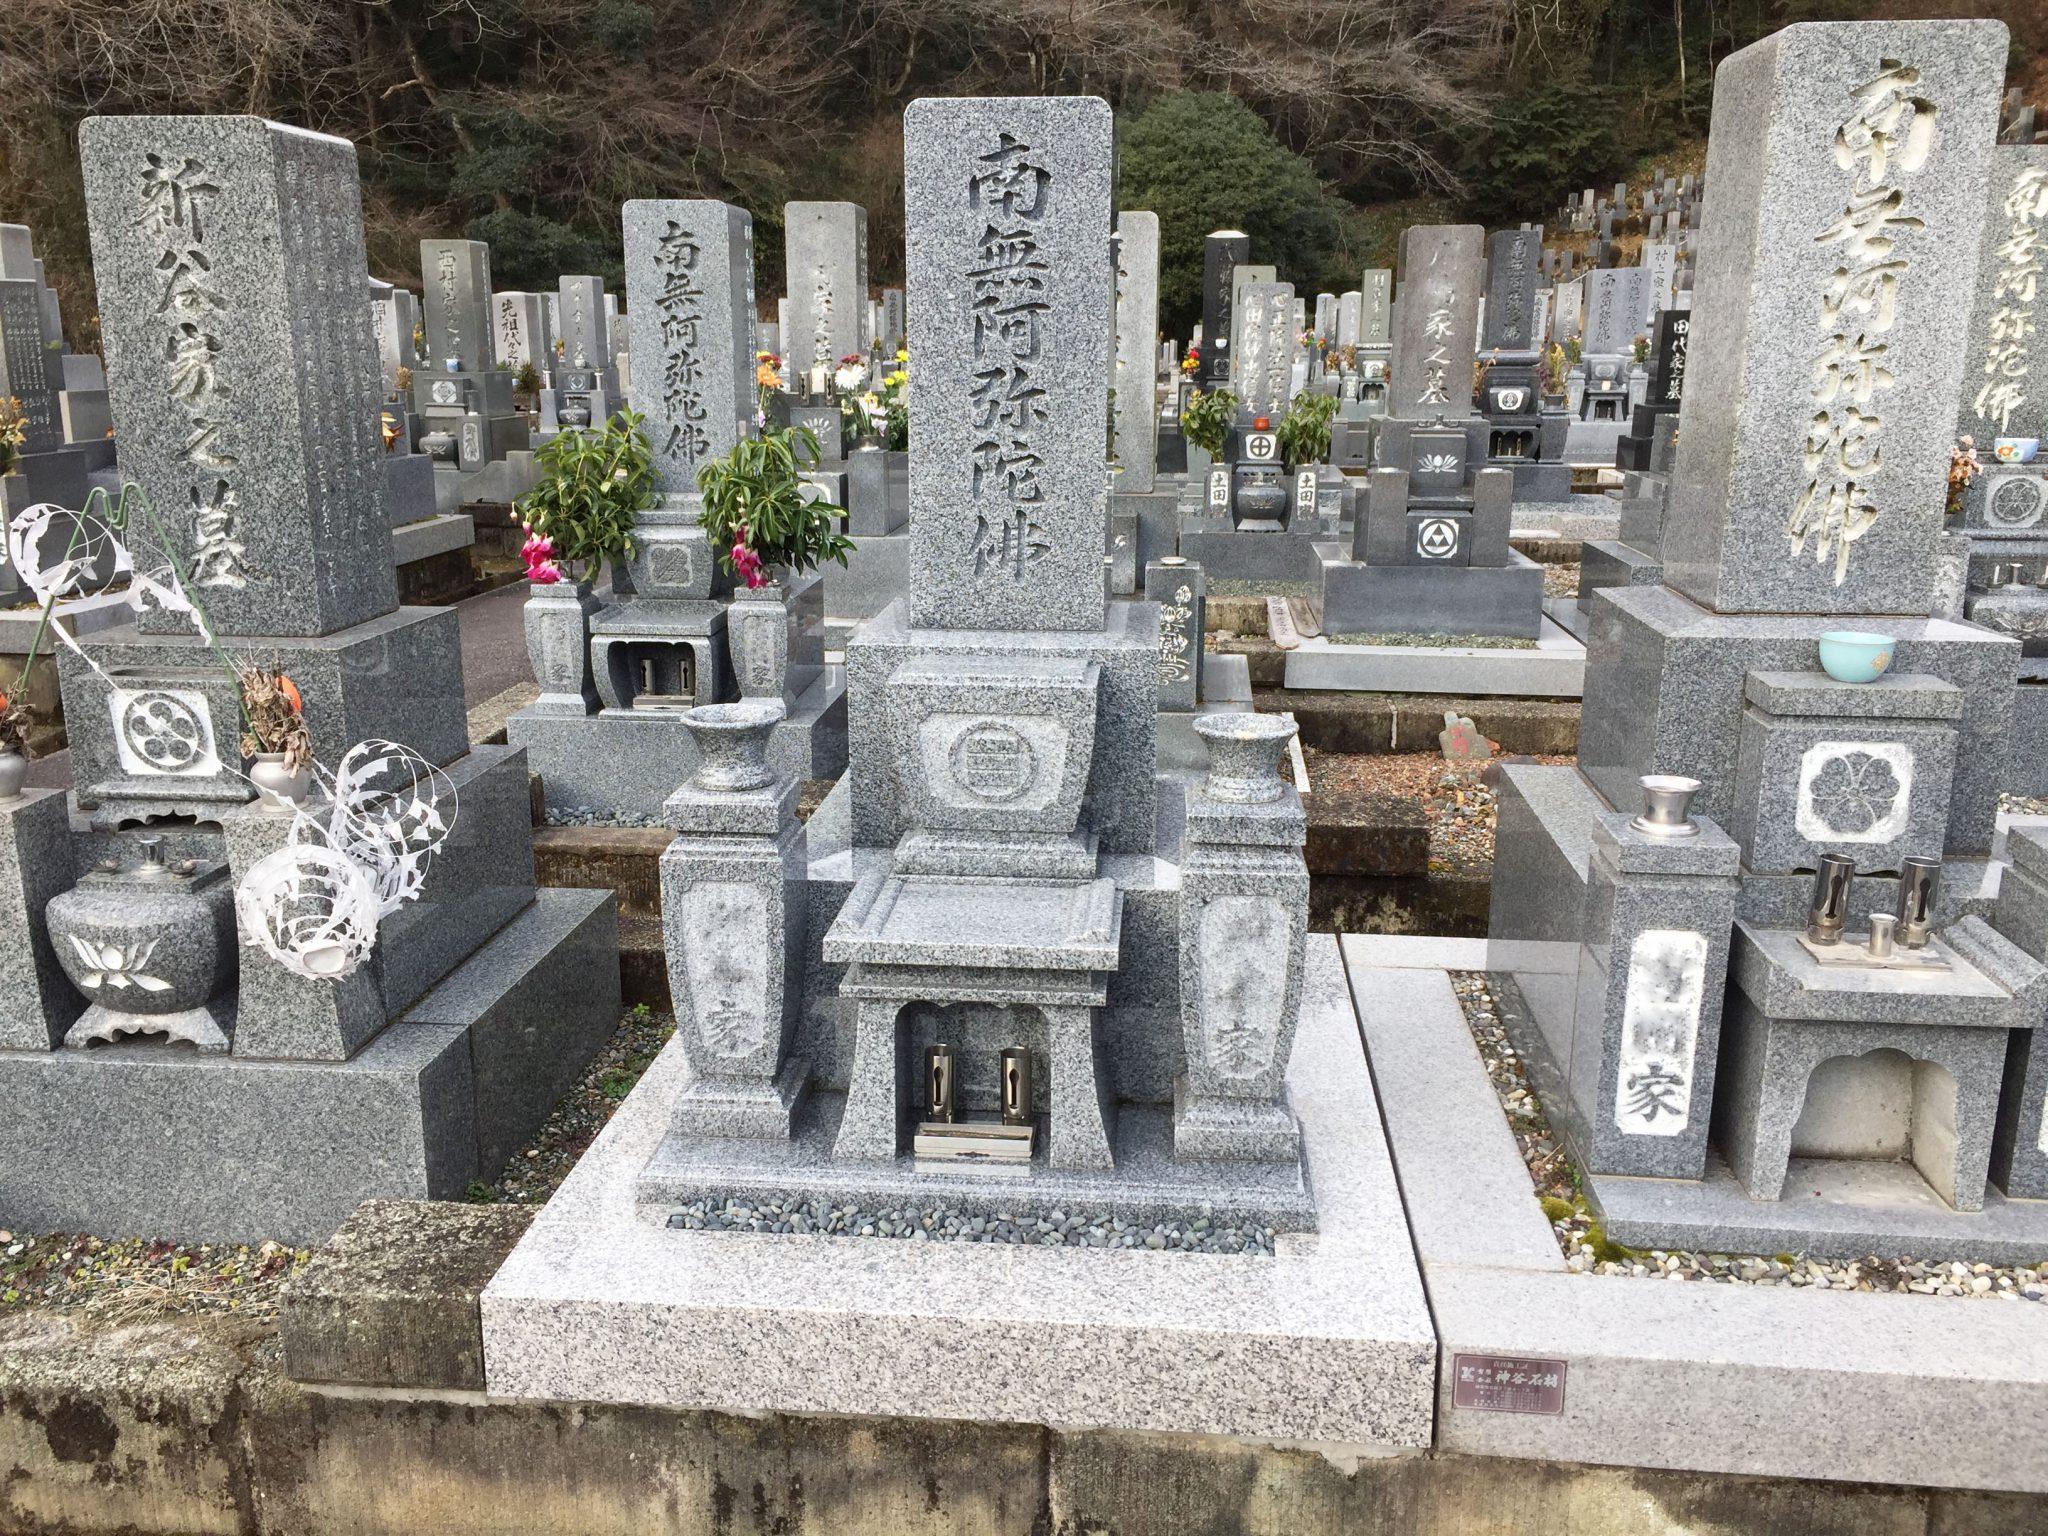 神谷石材オリジナル墓石 8寸2段 墓石 青牡丹石